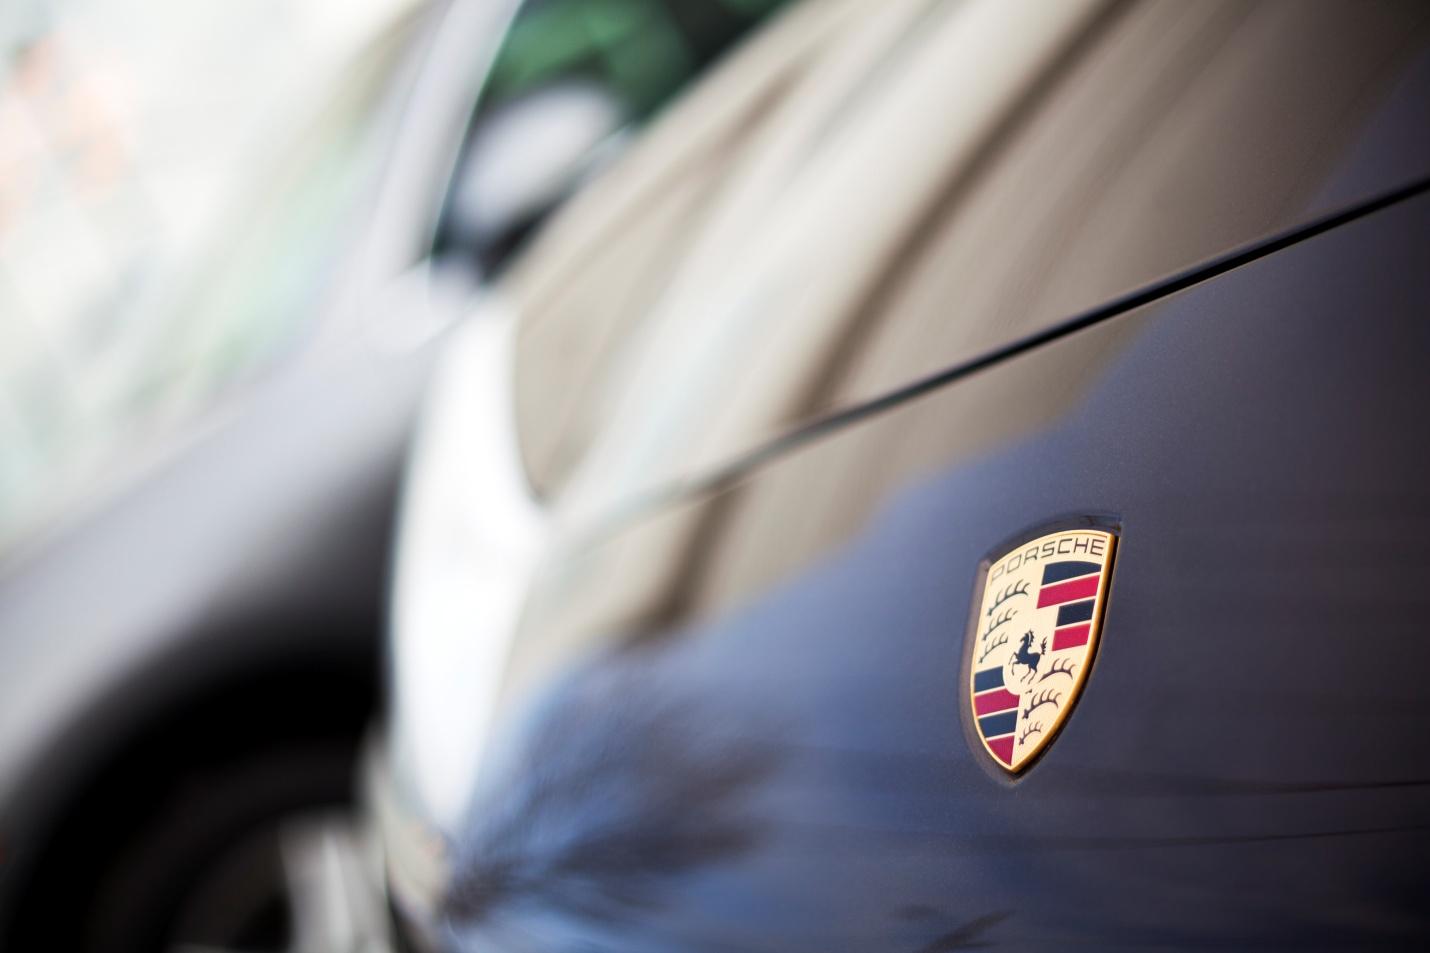 Porsche 911: retour sur les évolutions marquantes d'un modèle mythique